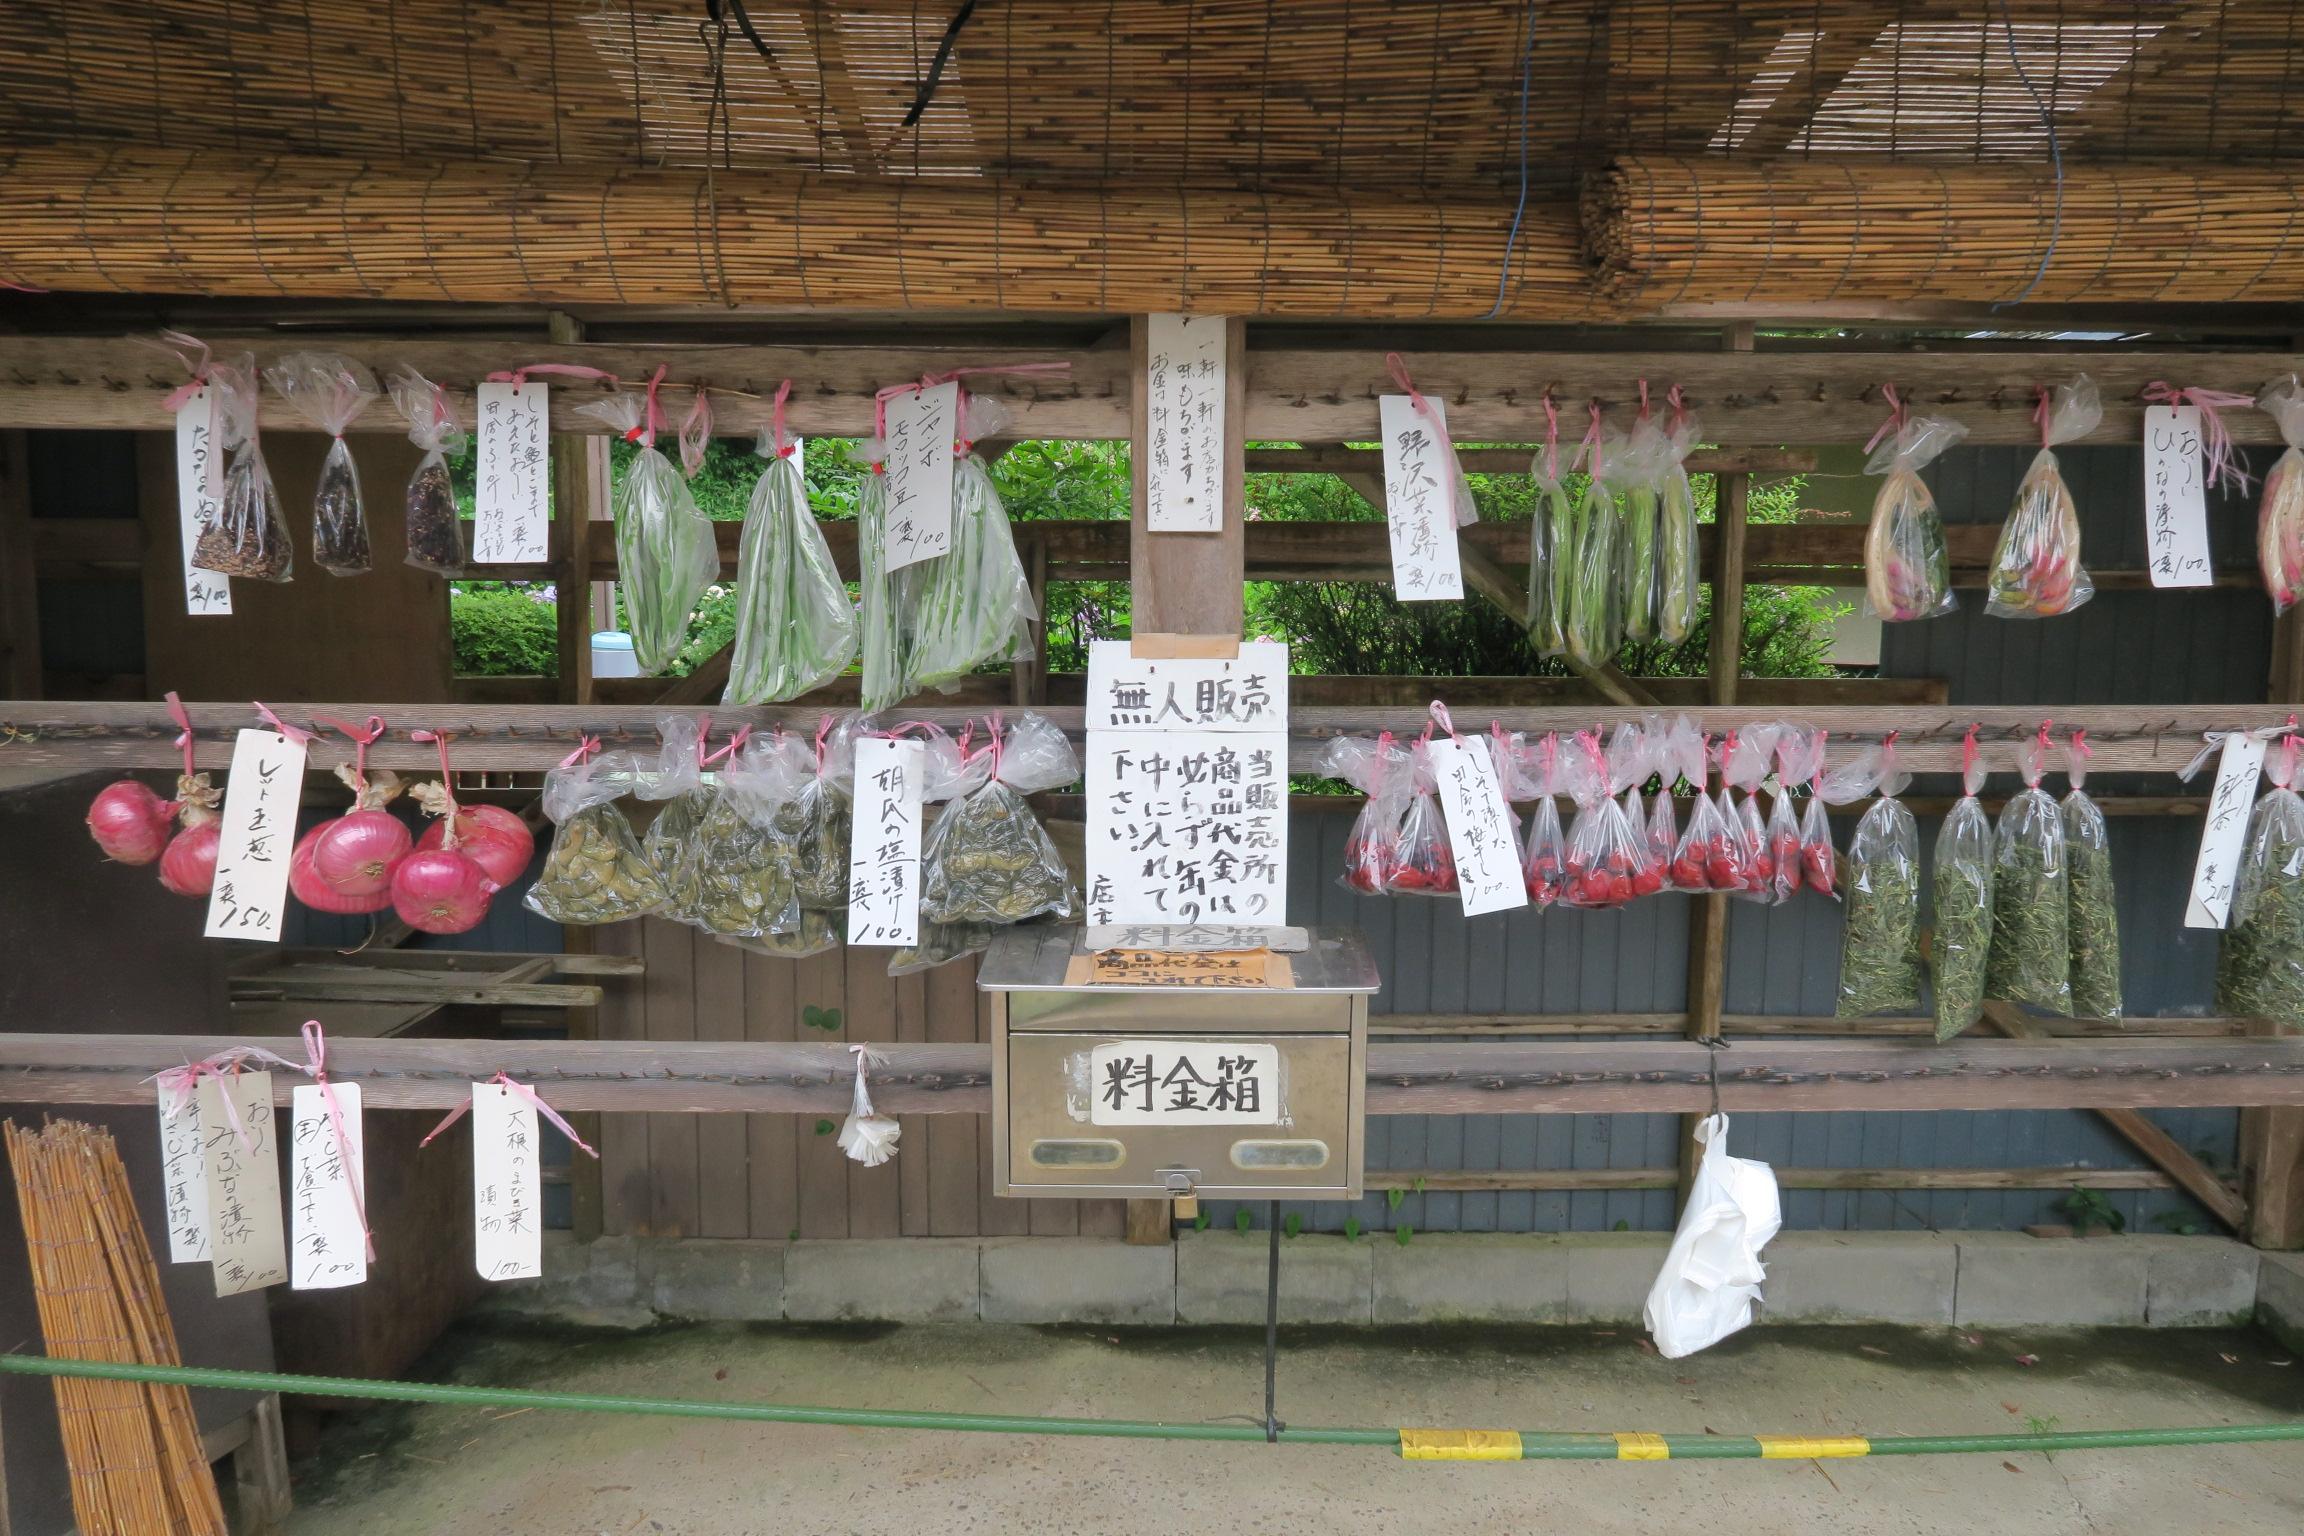 駐車場前には野菜や漬物の無人販売があります。梅干しも売ってました。